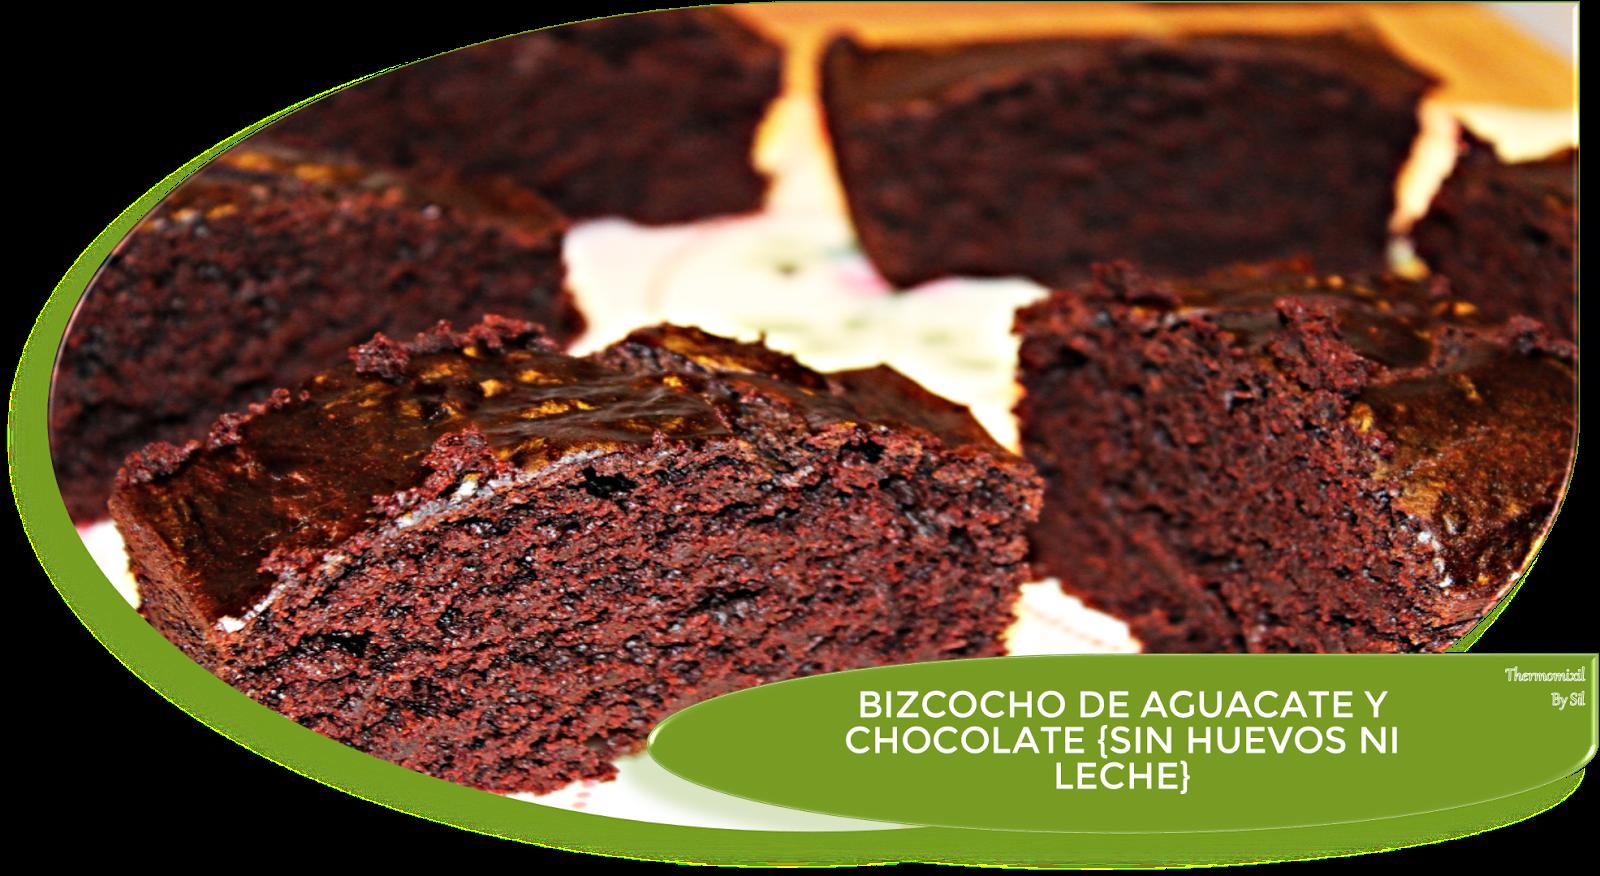 BIZCOCHO DE CHOCOLATE Y AGUACATE {SIN HUEVOS NI LECHE}